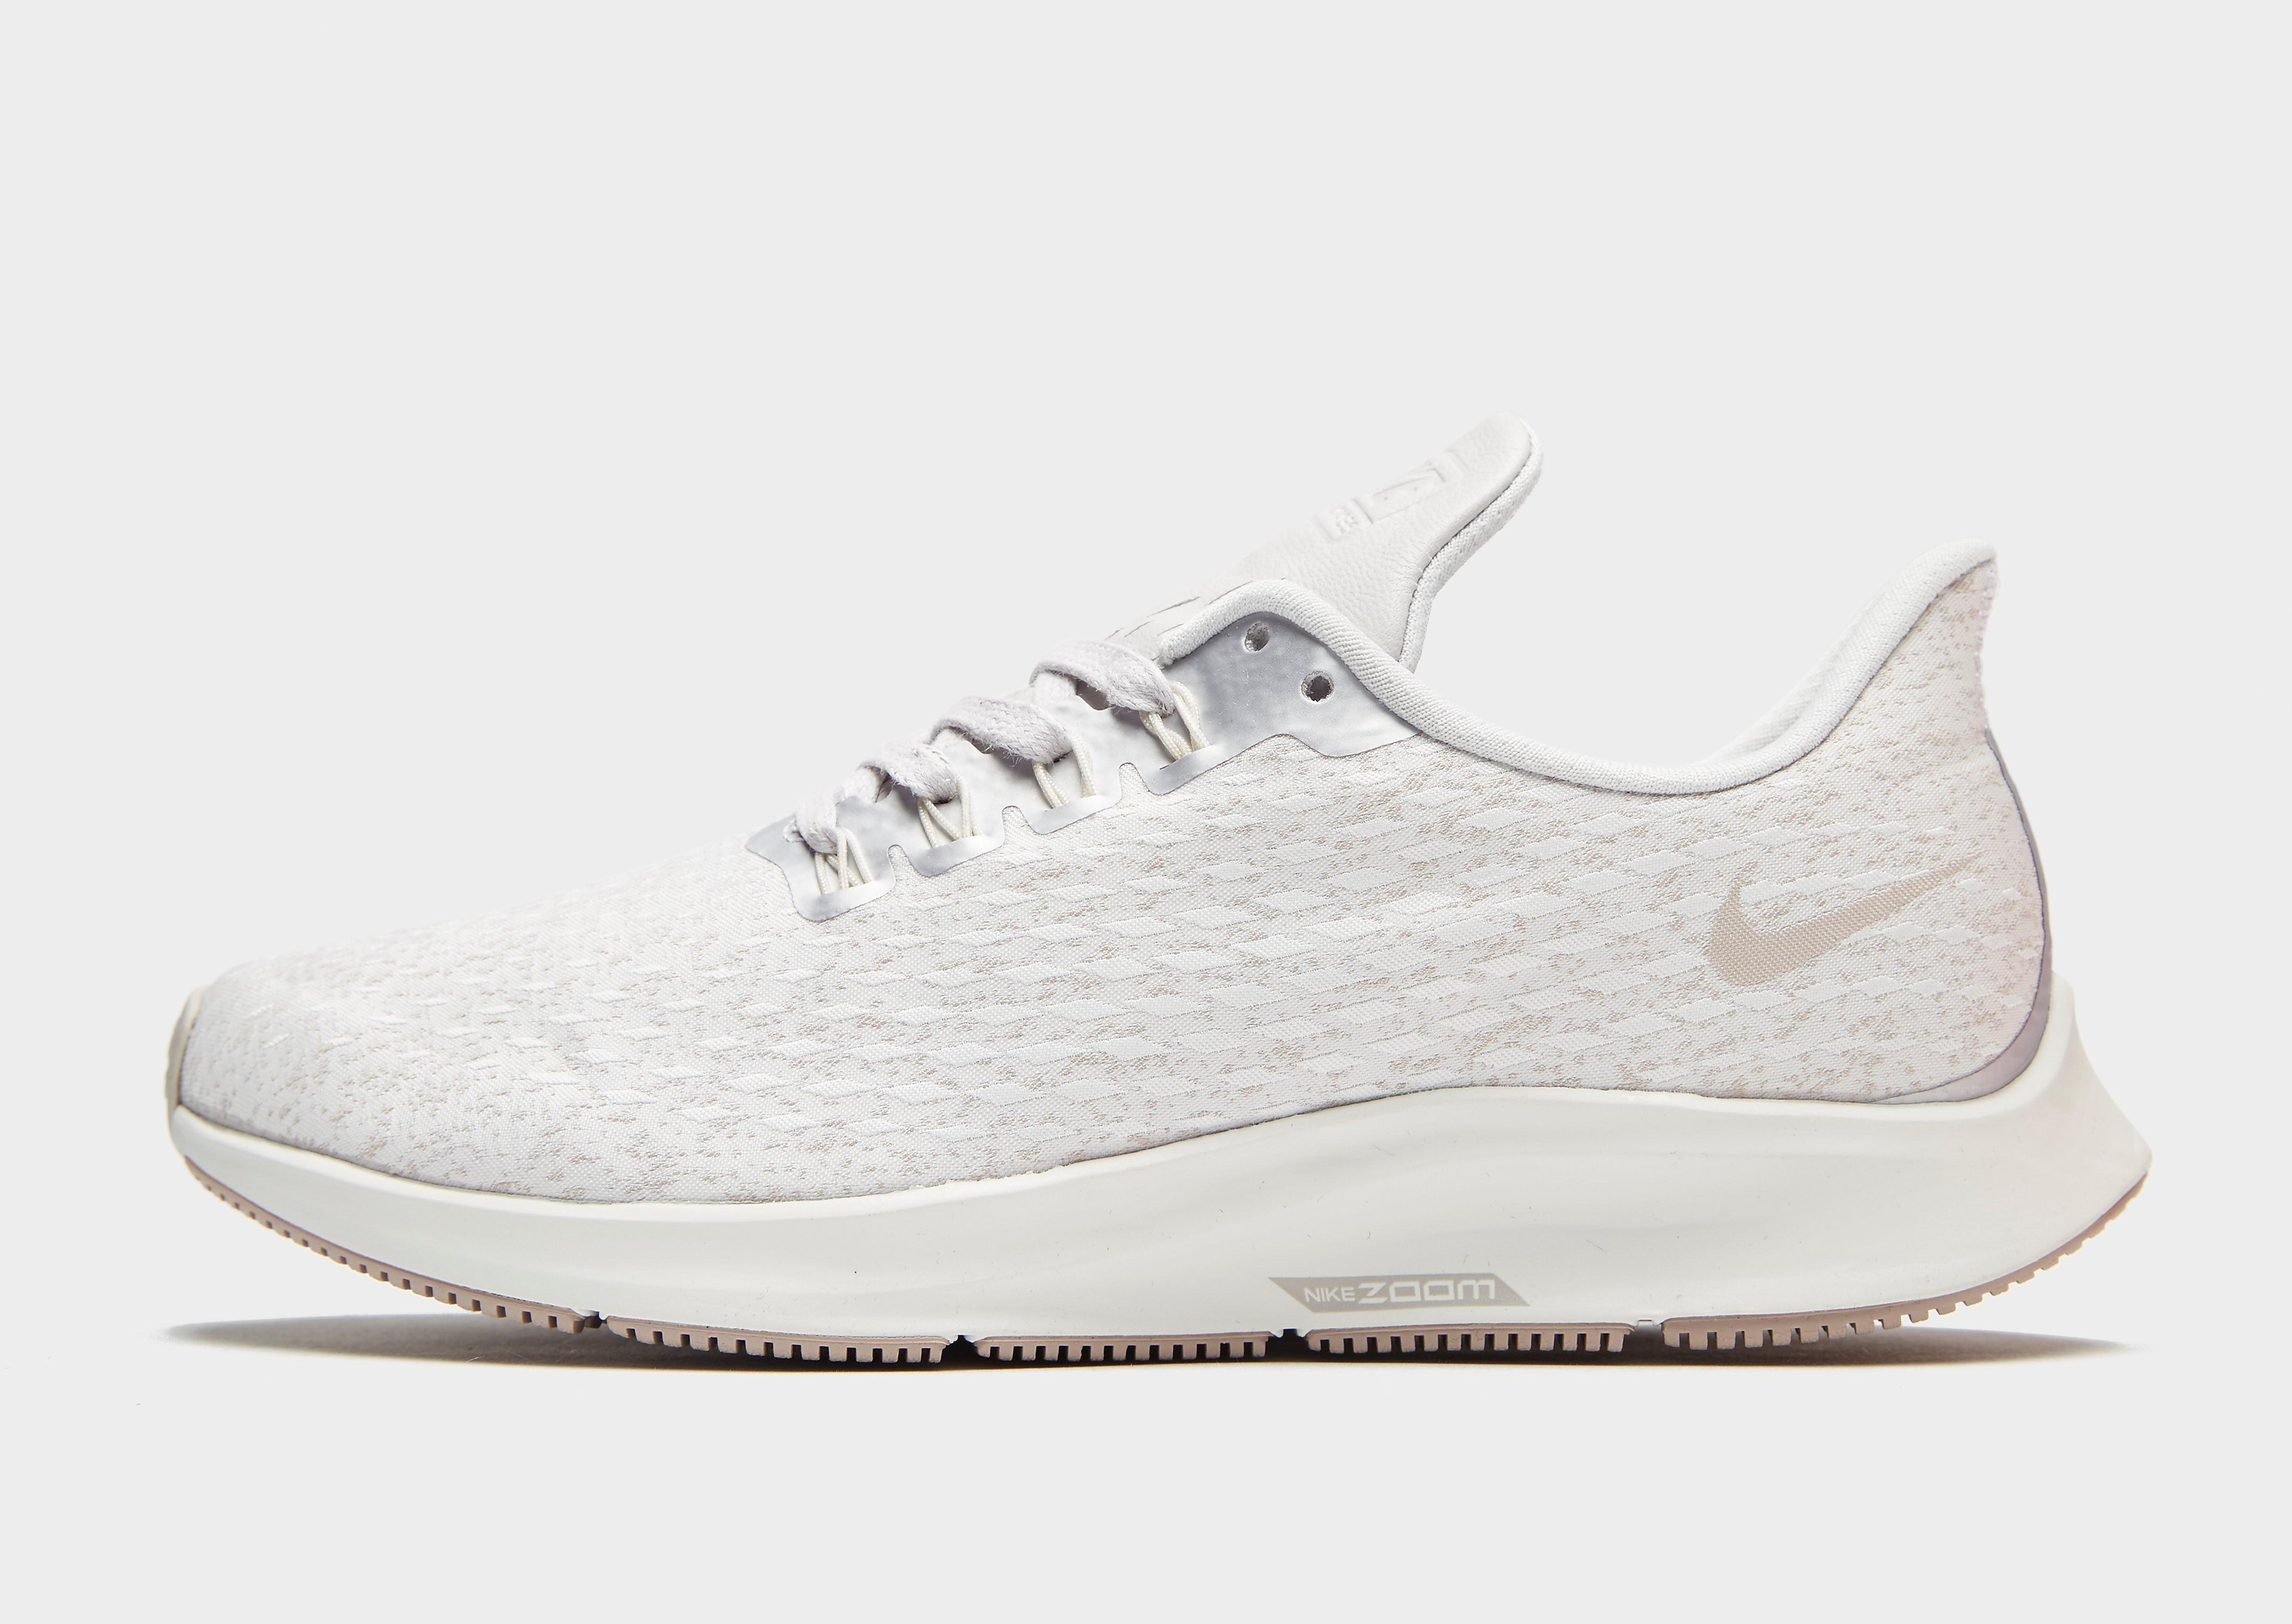 Nike Air Zoom Pegasus 35 Premium Women's